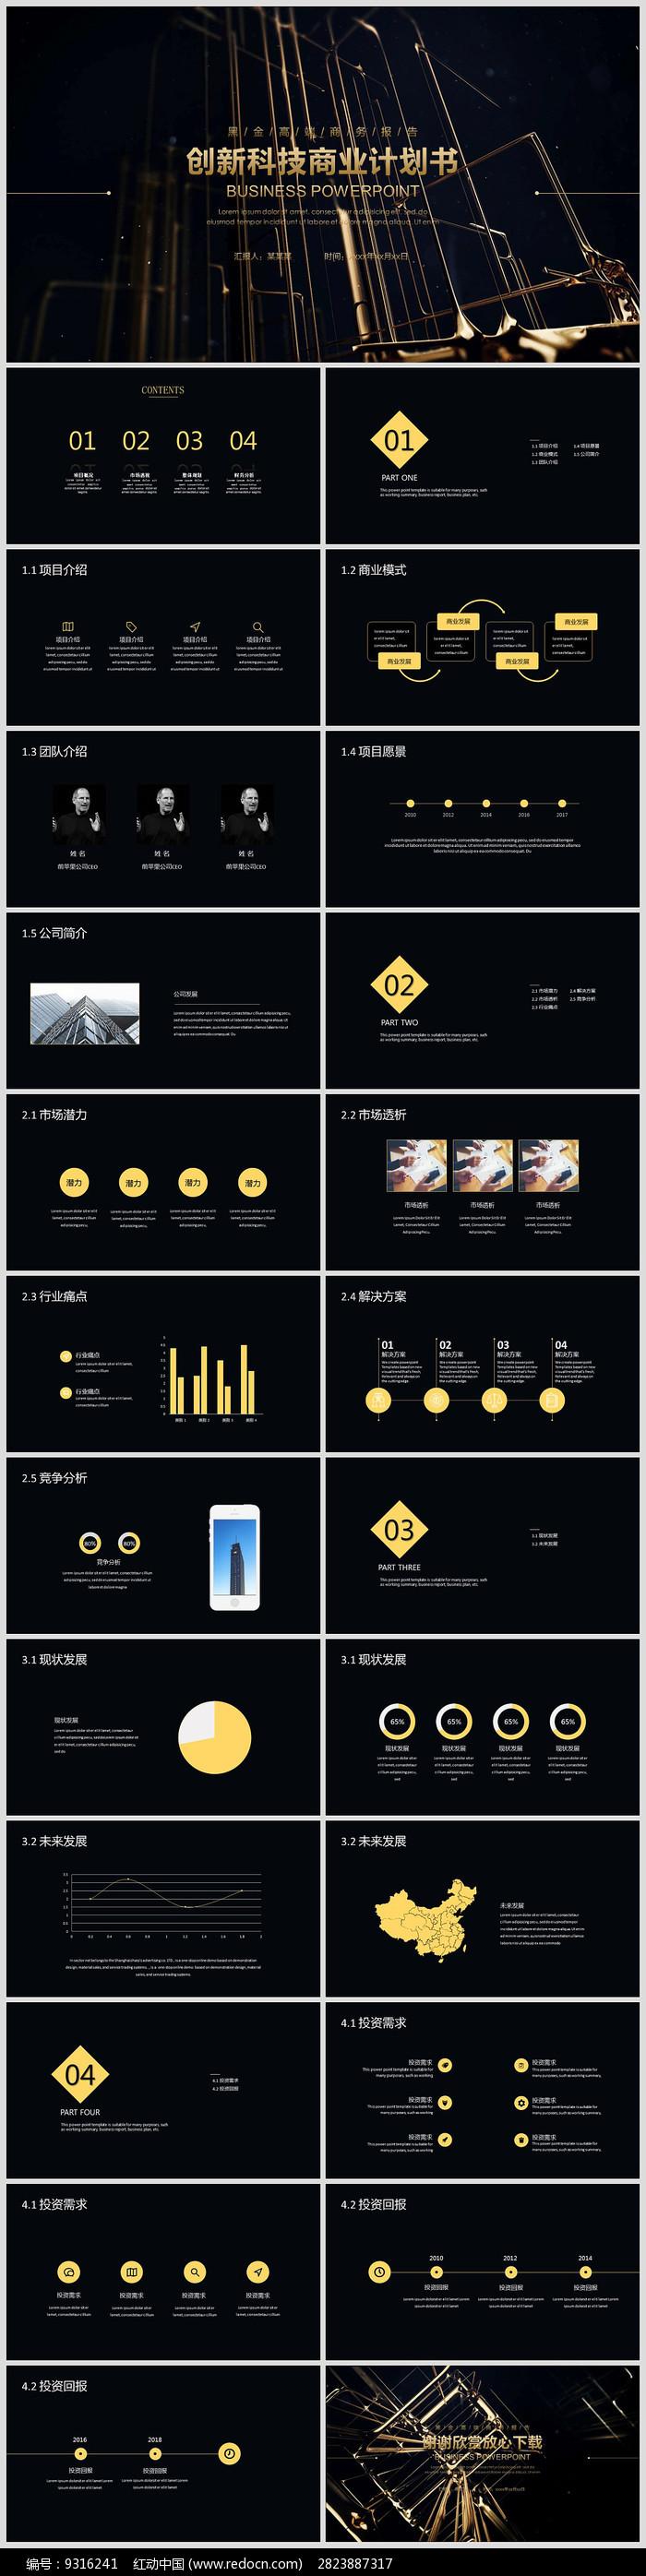 黑色重新科技商业计划书PPT图片